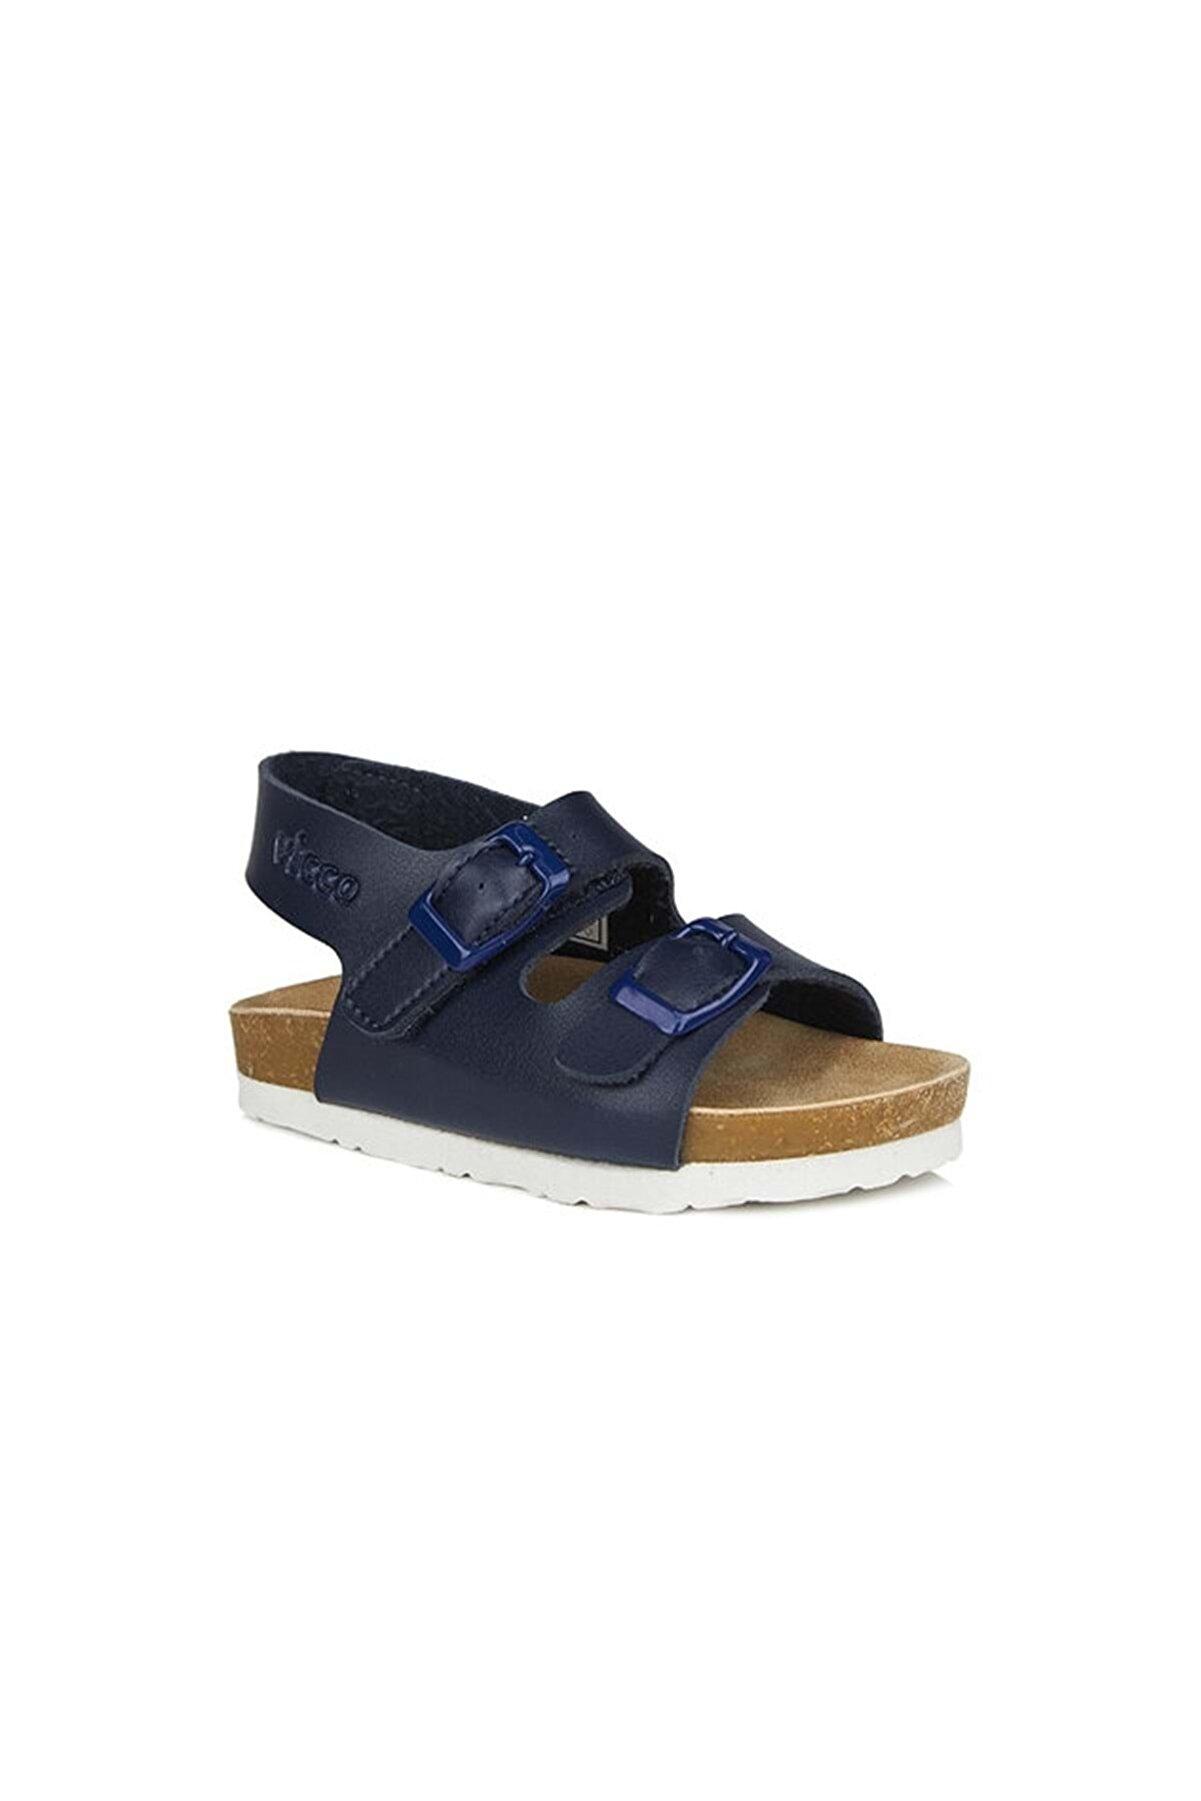 Vicco 321.p20y.360 Çocuk Sandalet - Lacivert - 29